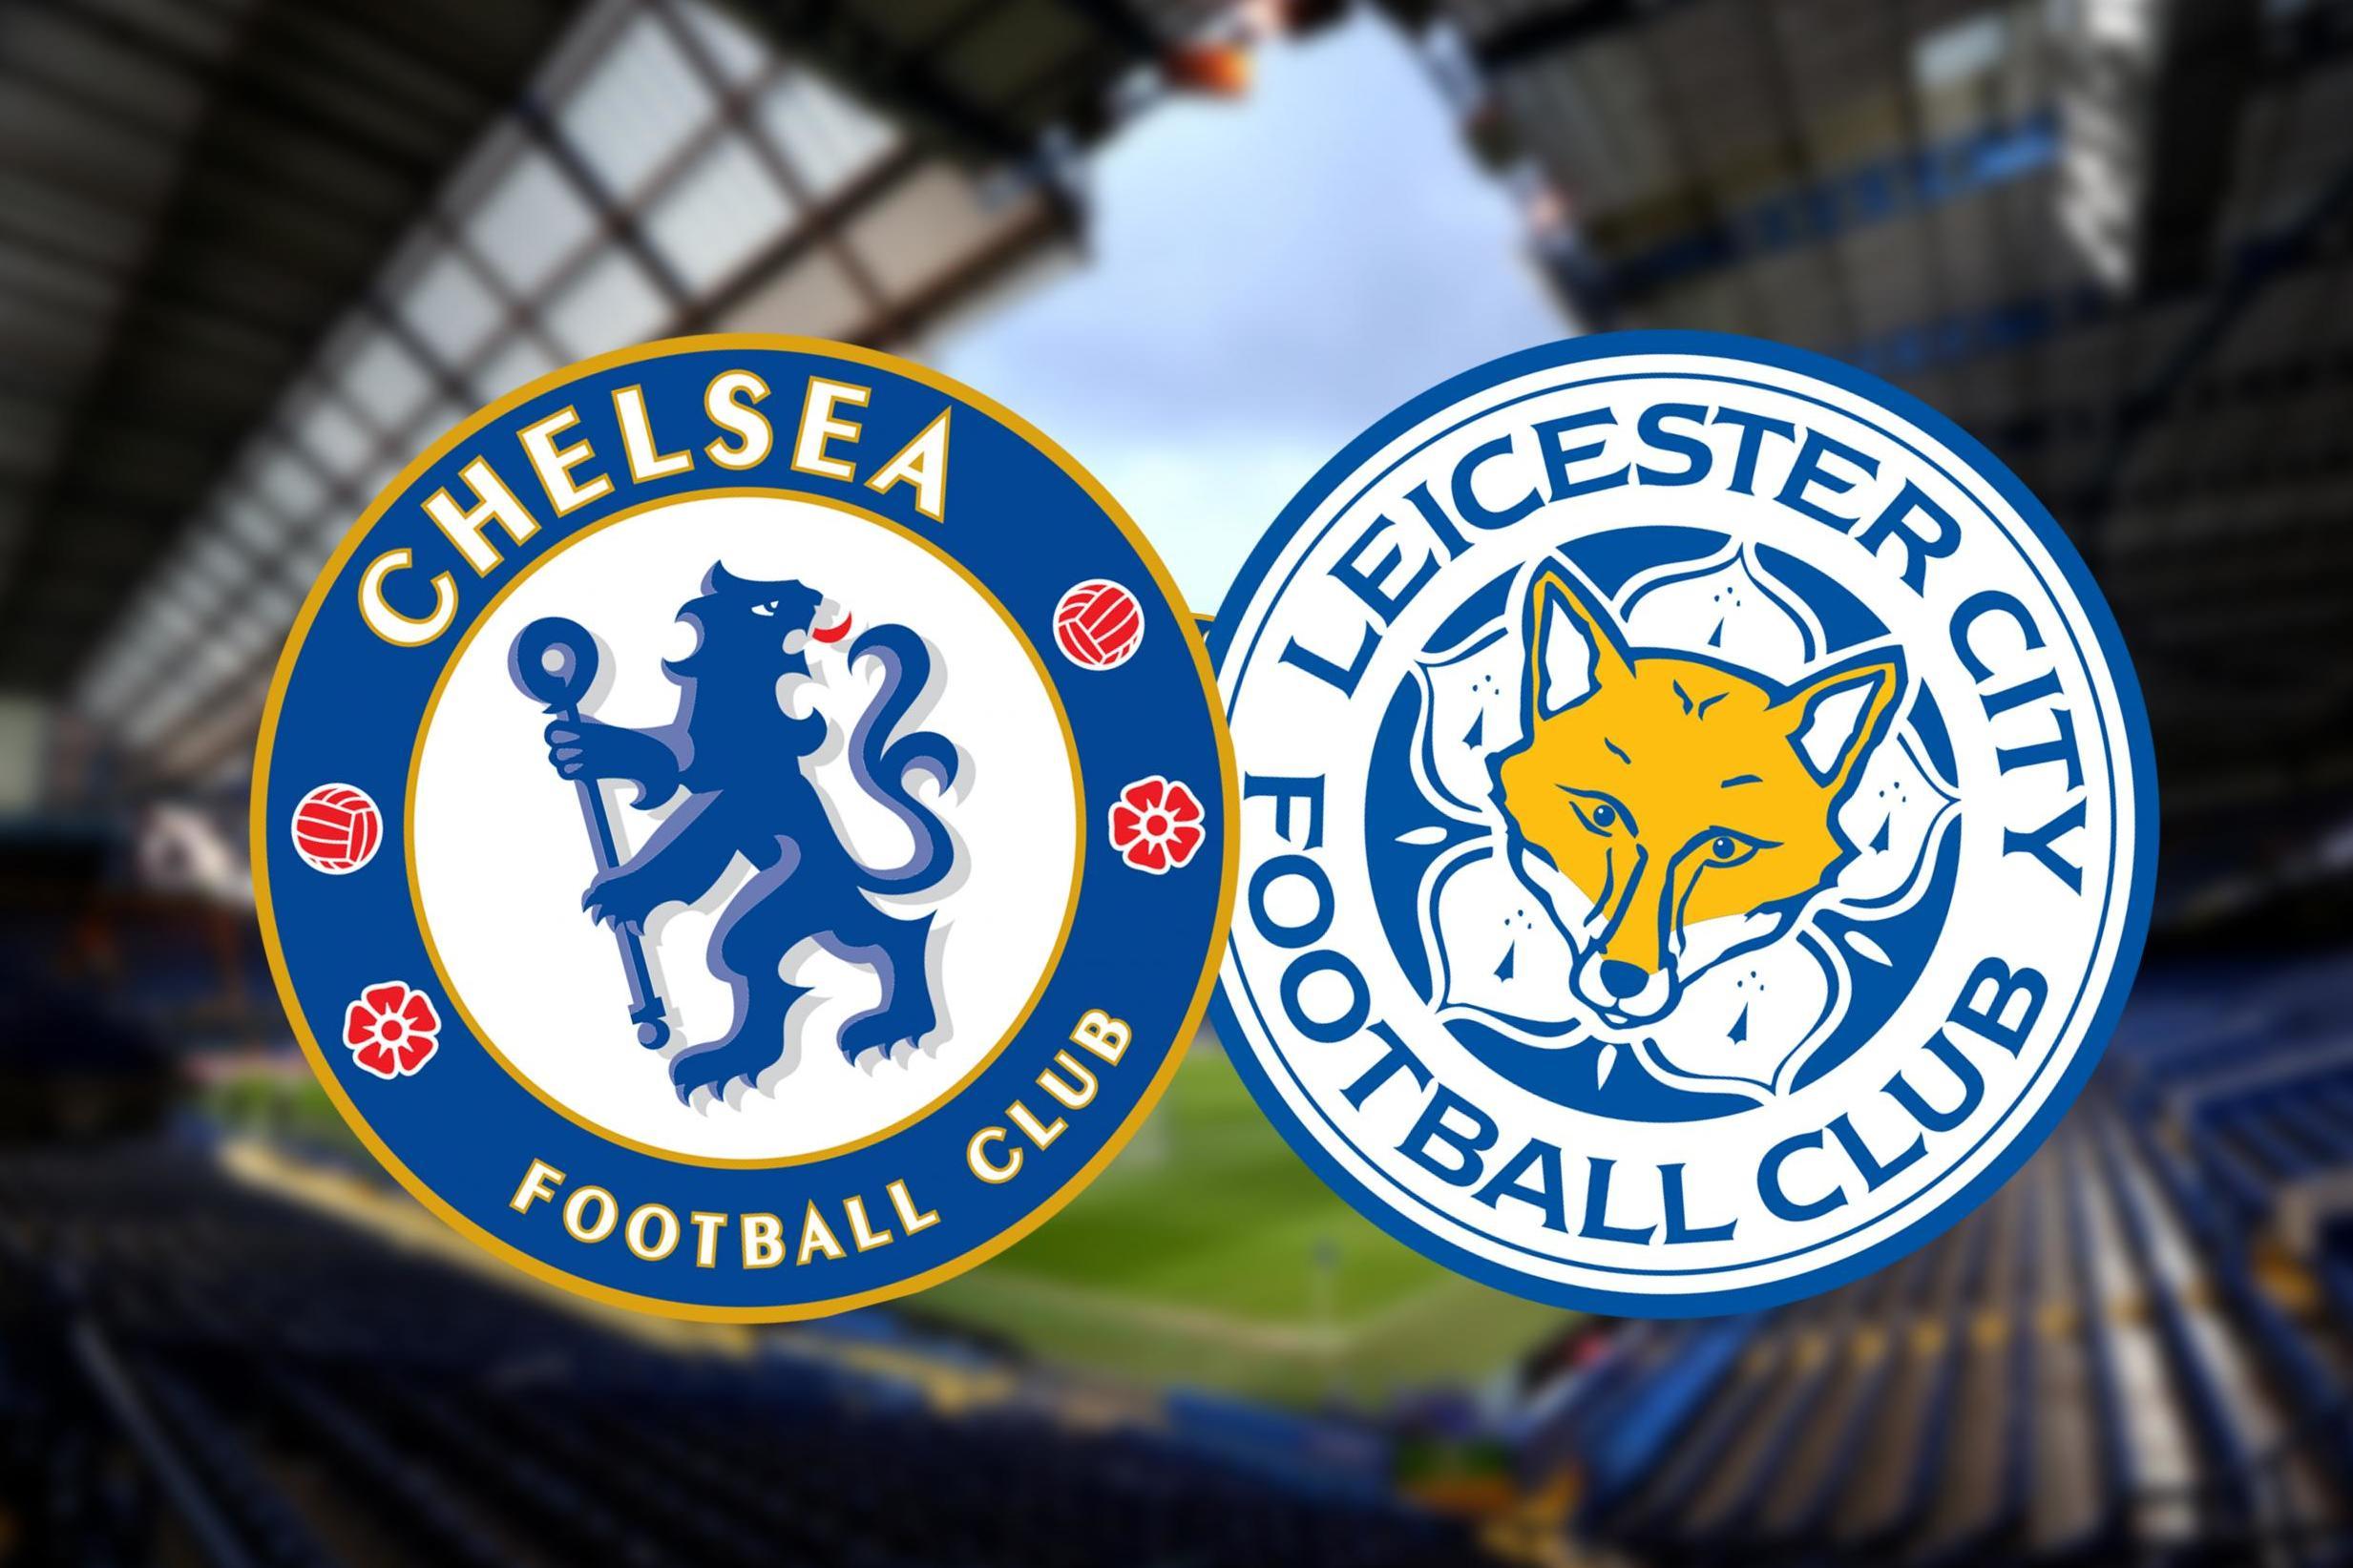 Prediksi Bola Terbaru - Chelsea vs Leicester - Hasil Prediksi